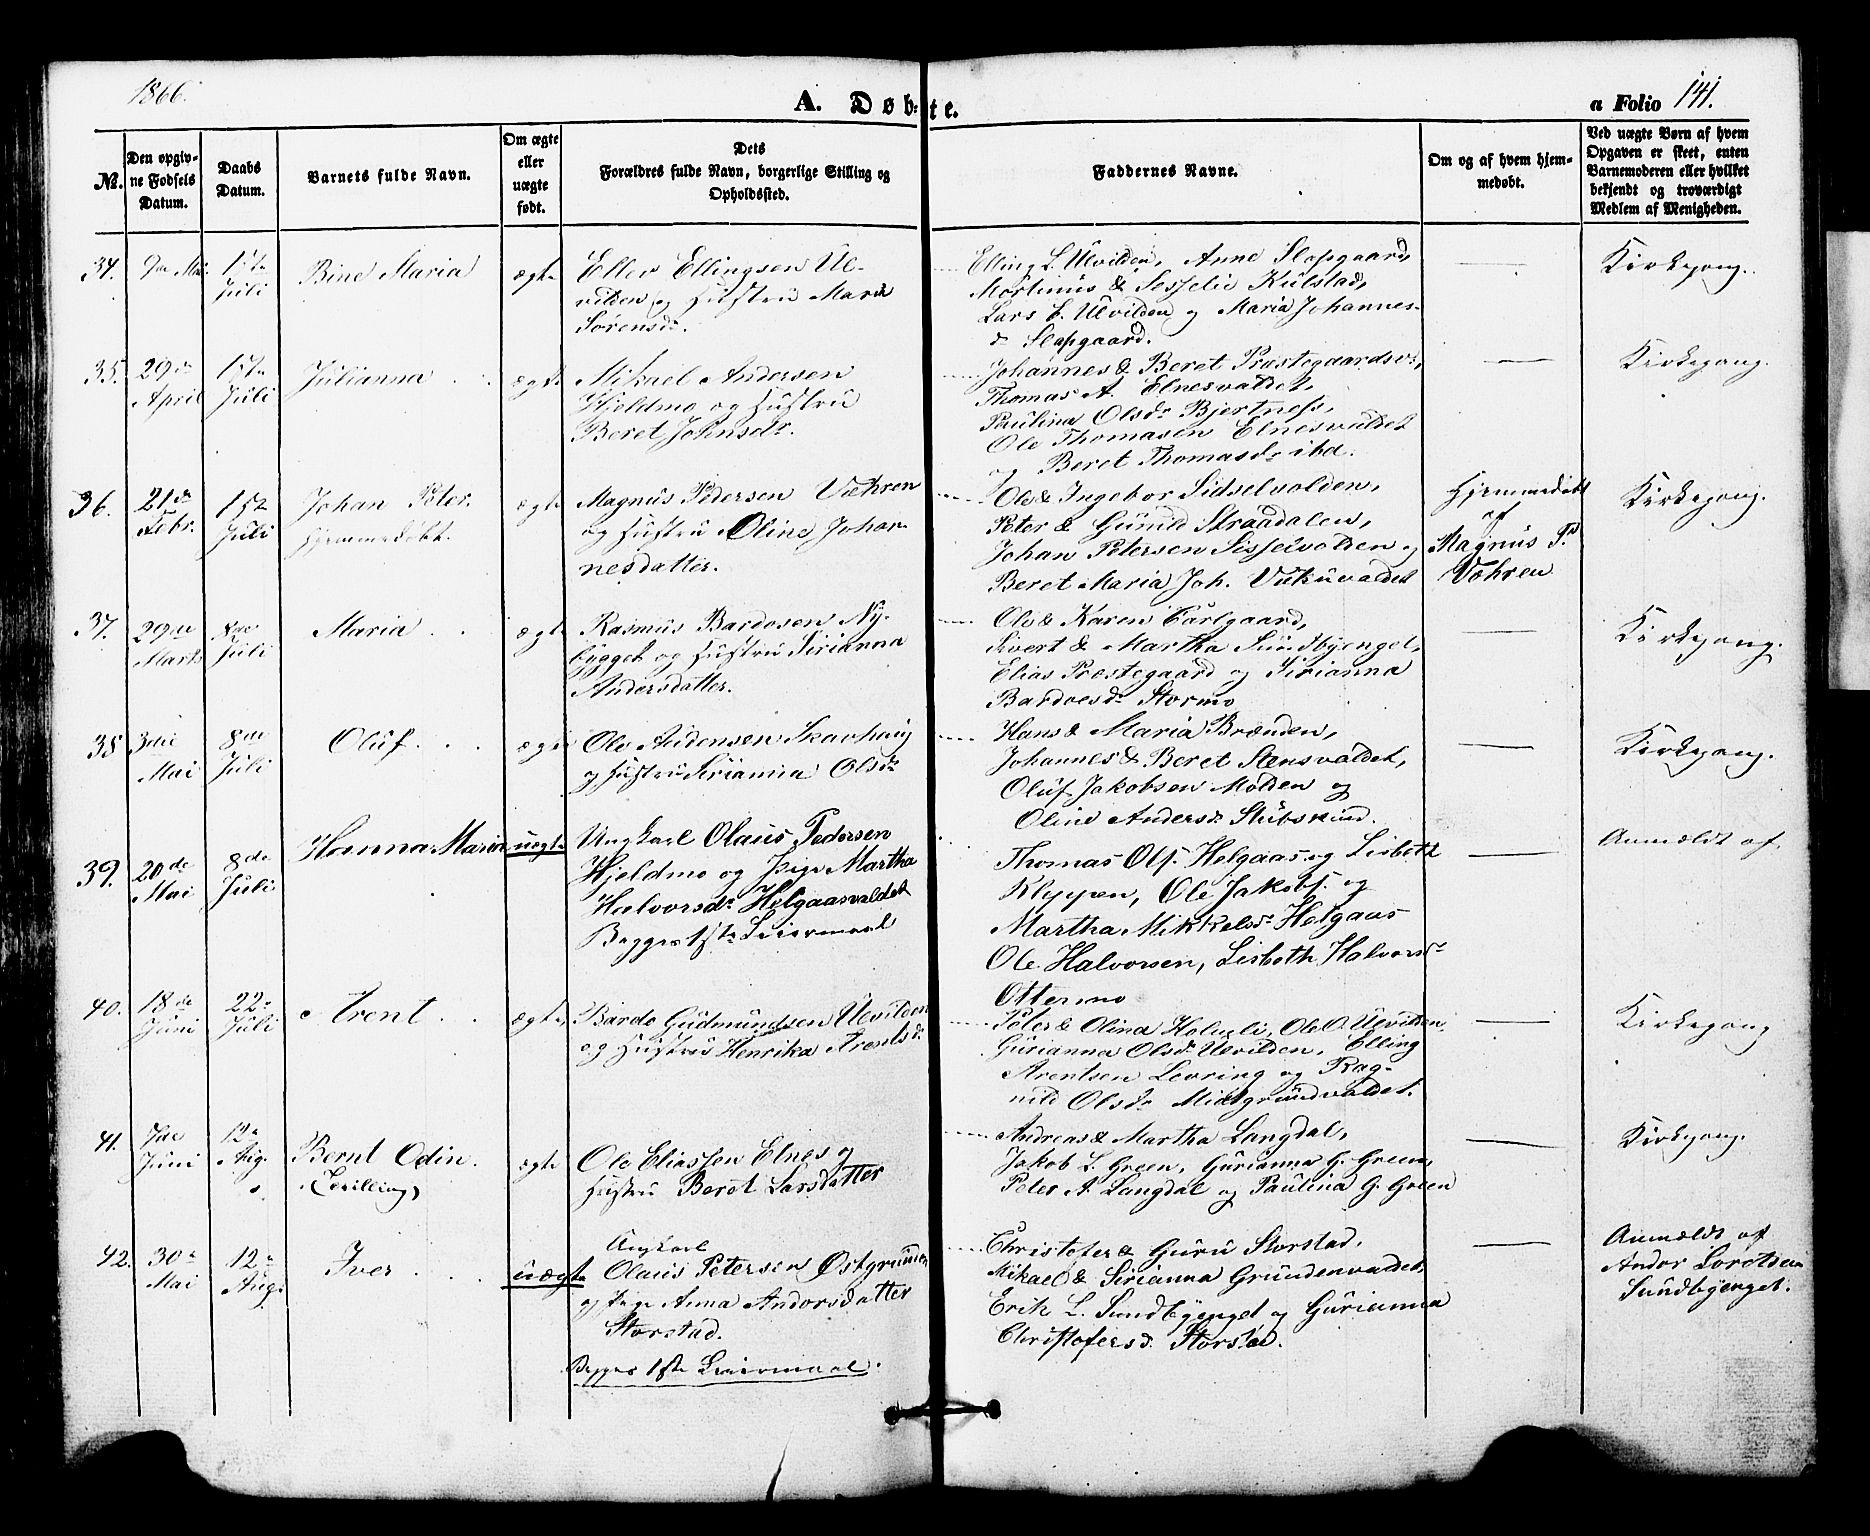 SAT, Ministerialprotokoller, klokkerbøker og fødselsregistre - Nord-Trøndelag, 724/L0268: Klokkerbok nr. 724C04, 1846-1878, s. 141